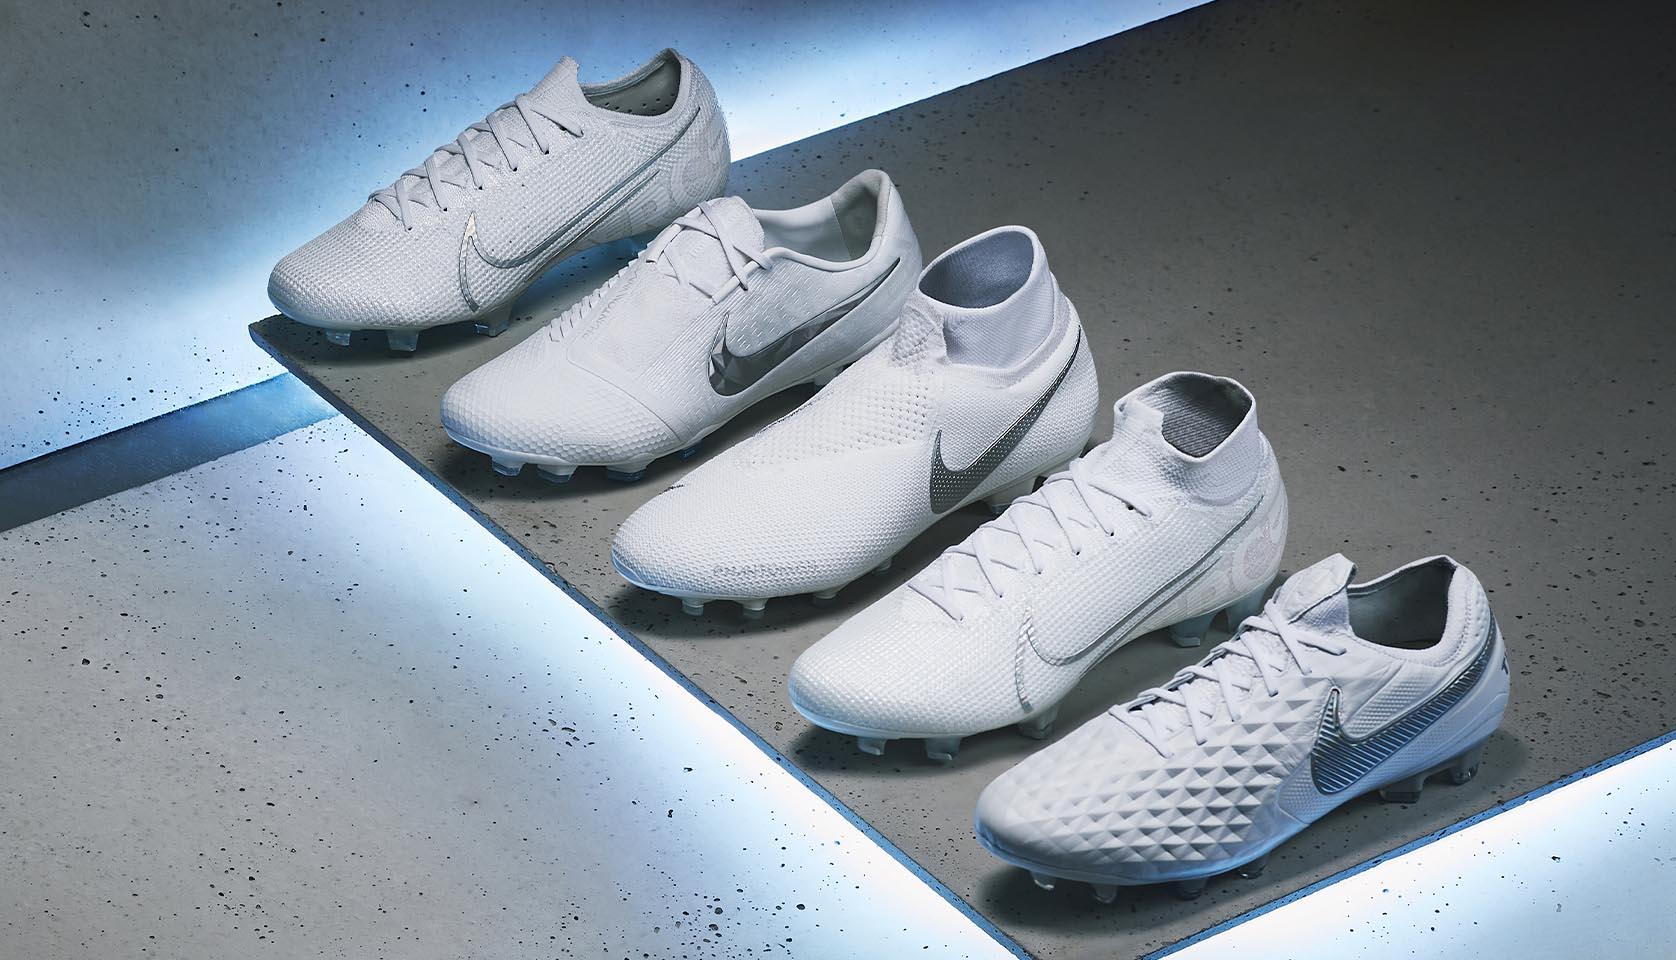 Các dòng giày đá bóng Nike mới nhất sử dụng trong bóng đá chuyên nghiệp